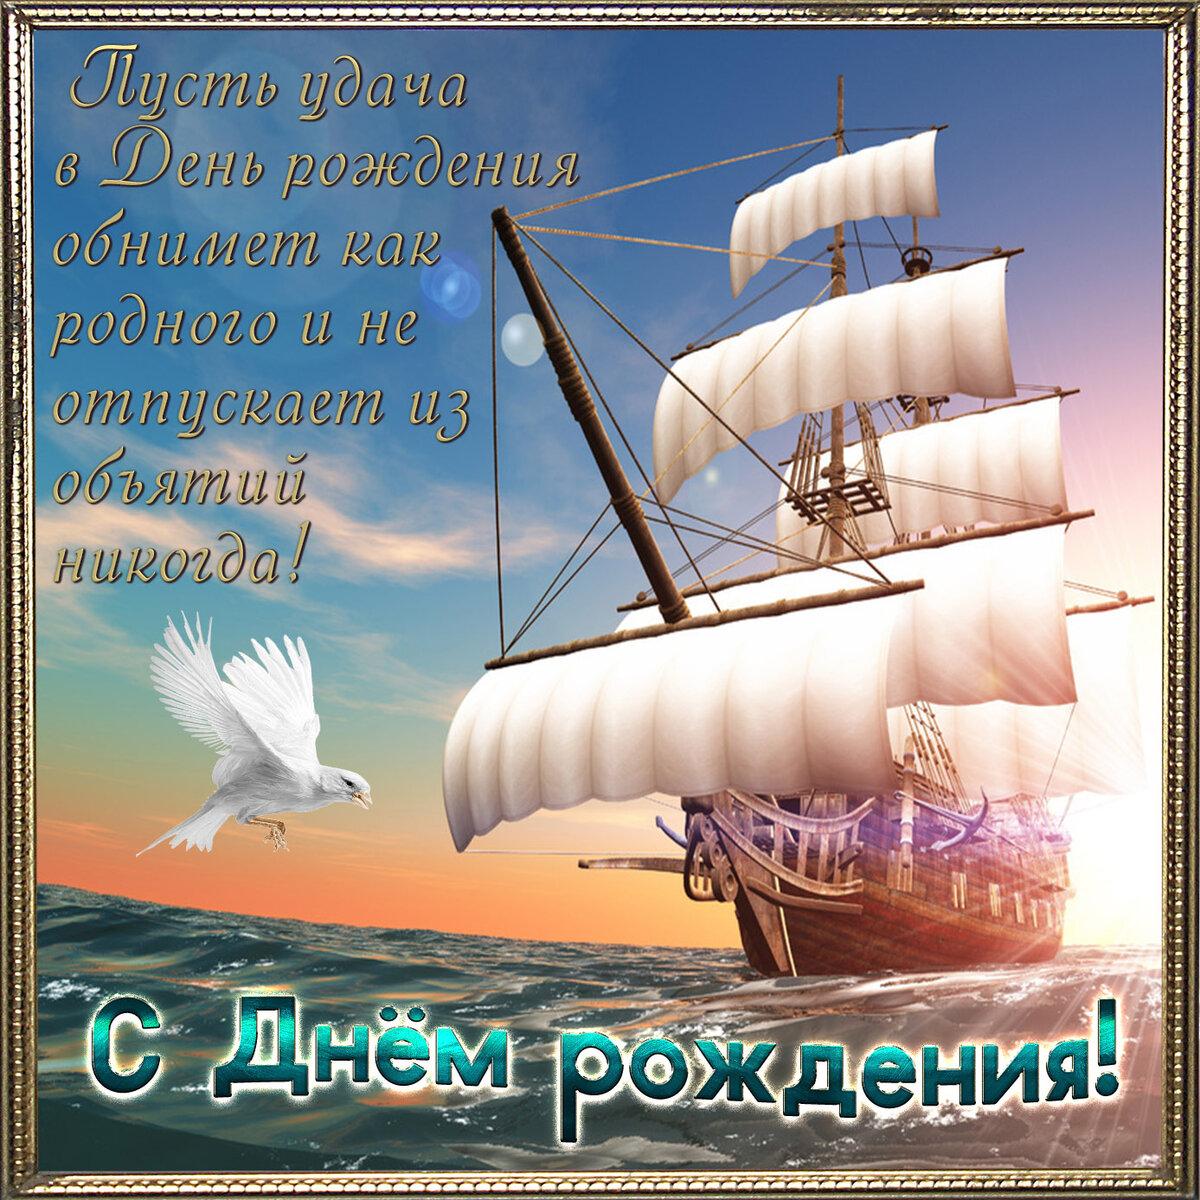 Поздравление днем рождения корабль